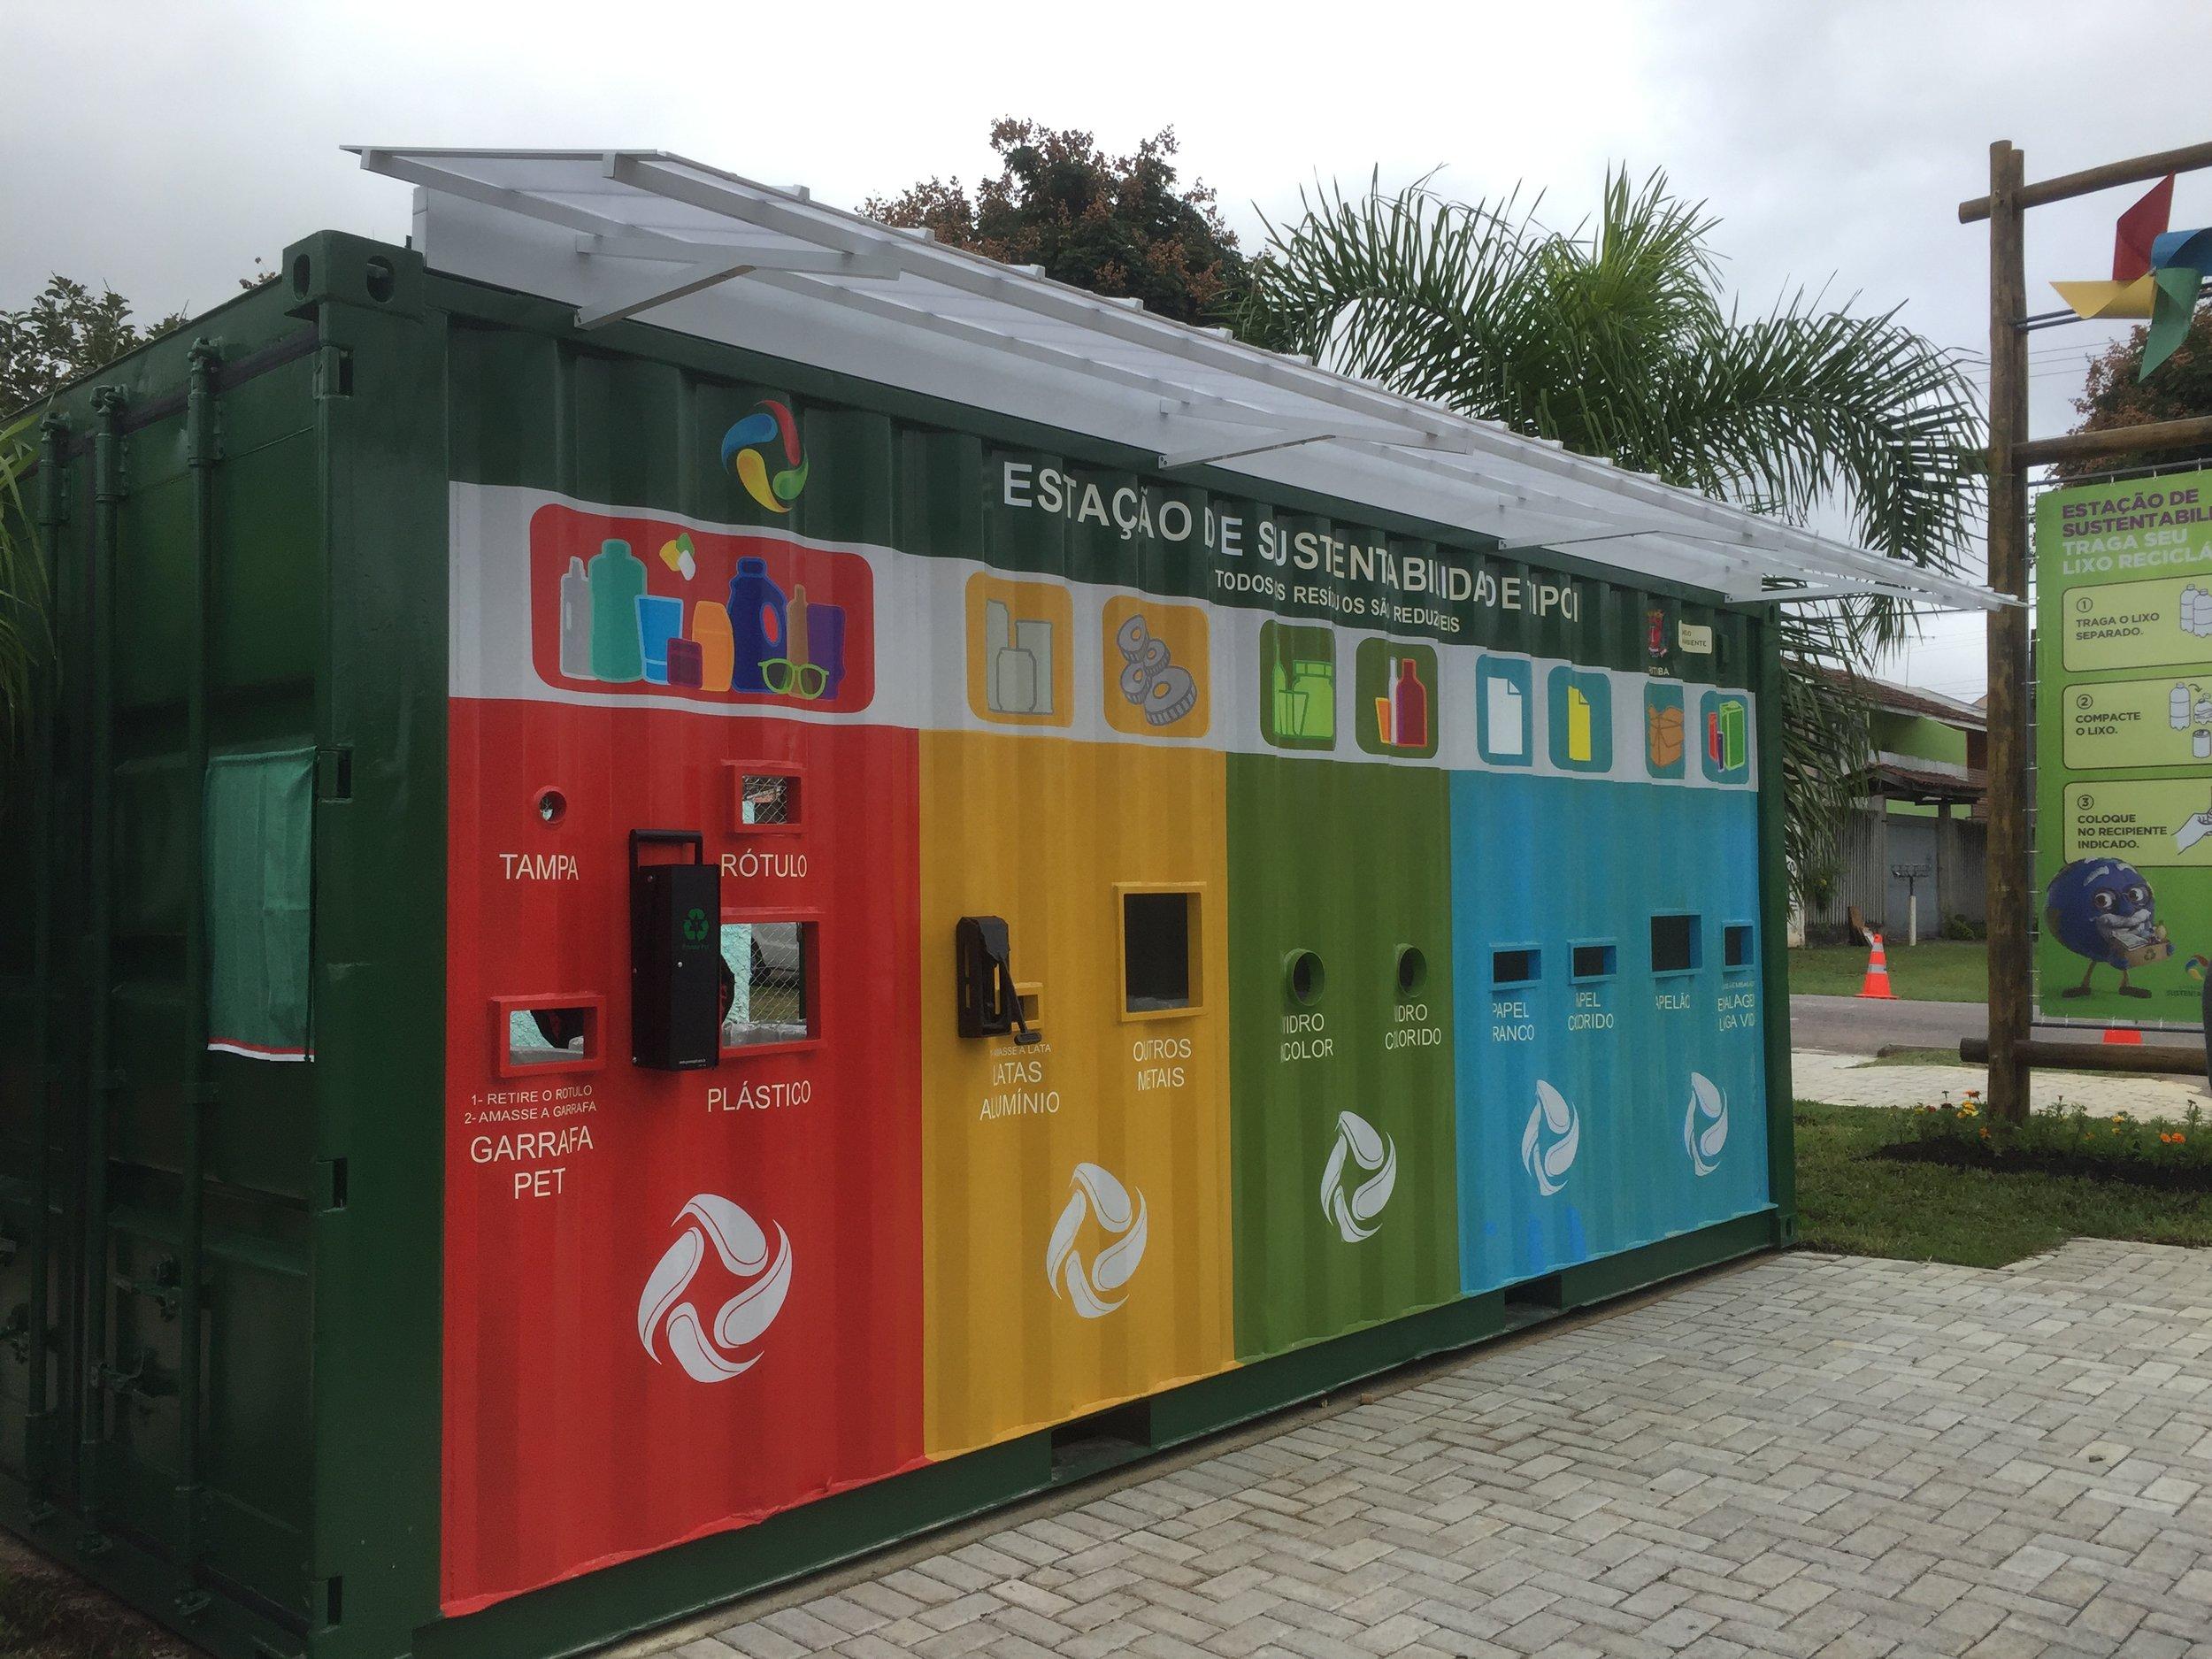 Estação de sustentabilidade na Av. Florianópolis - 2016